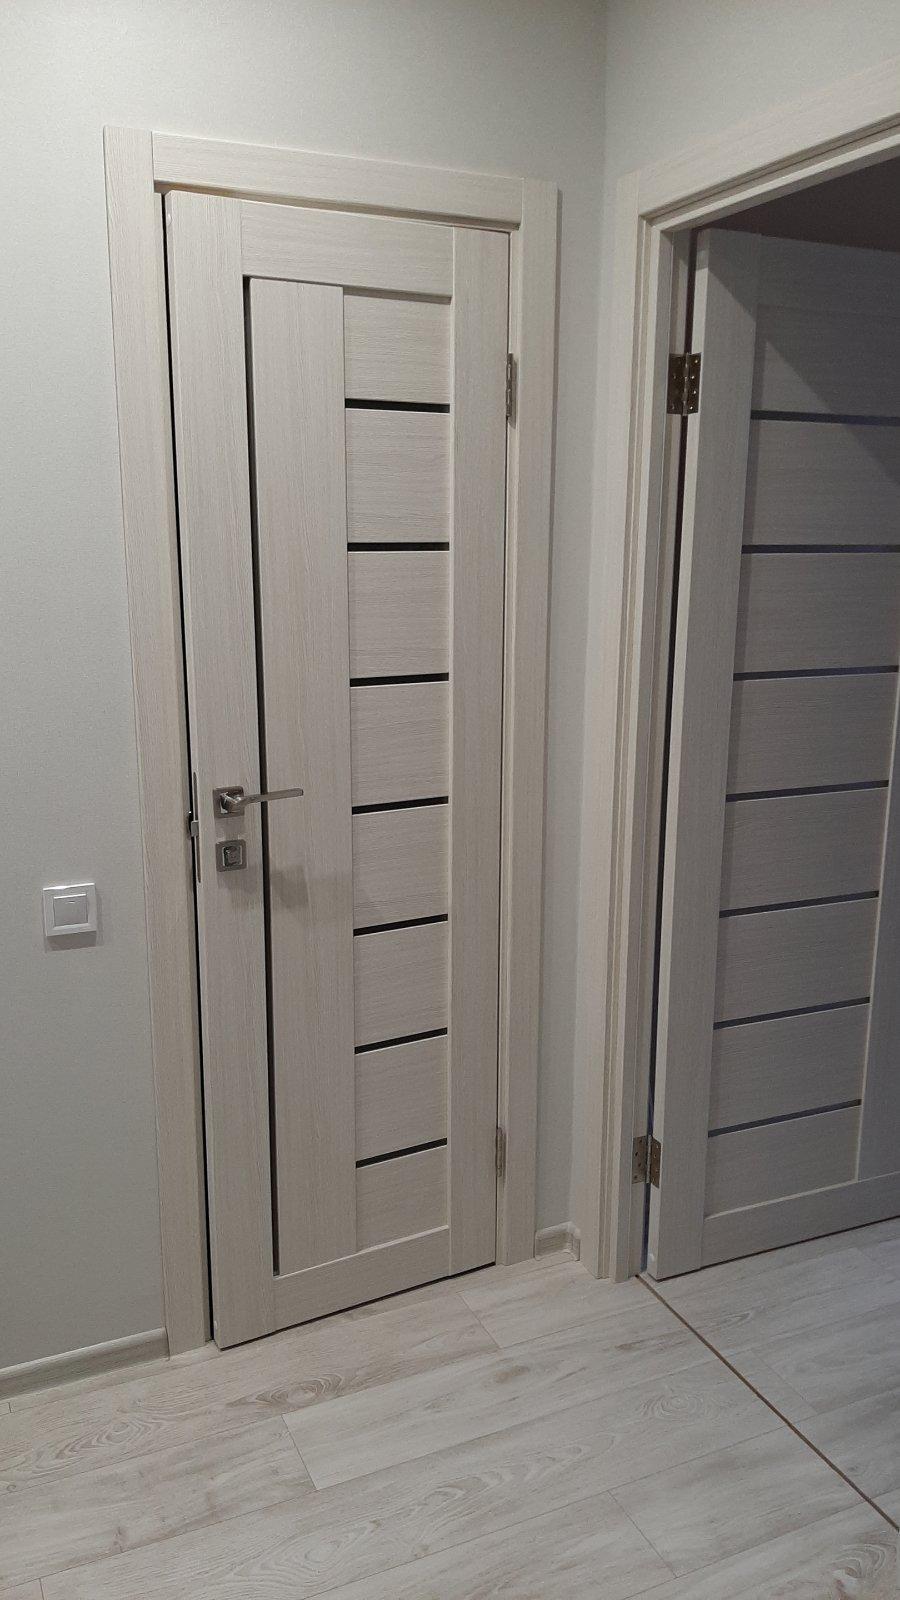 Центр дверей и интерьера - Очень доволен